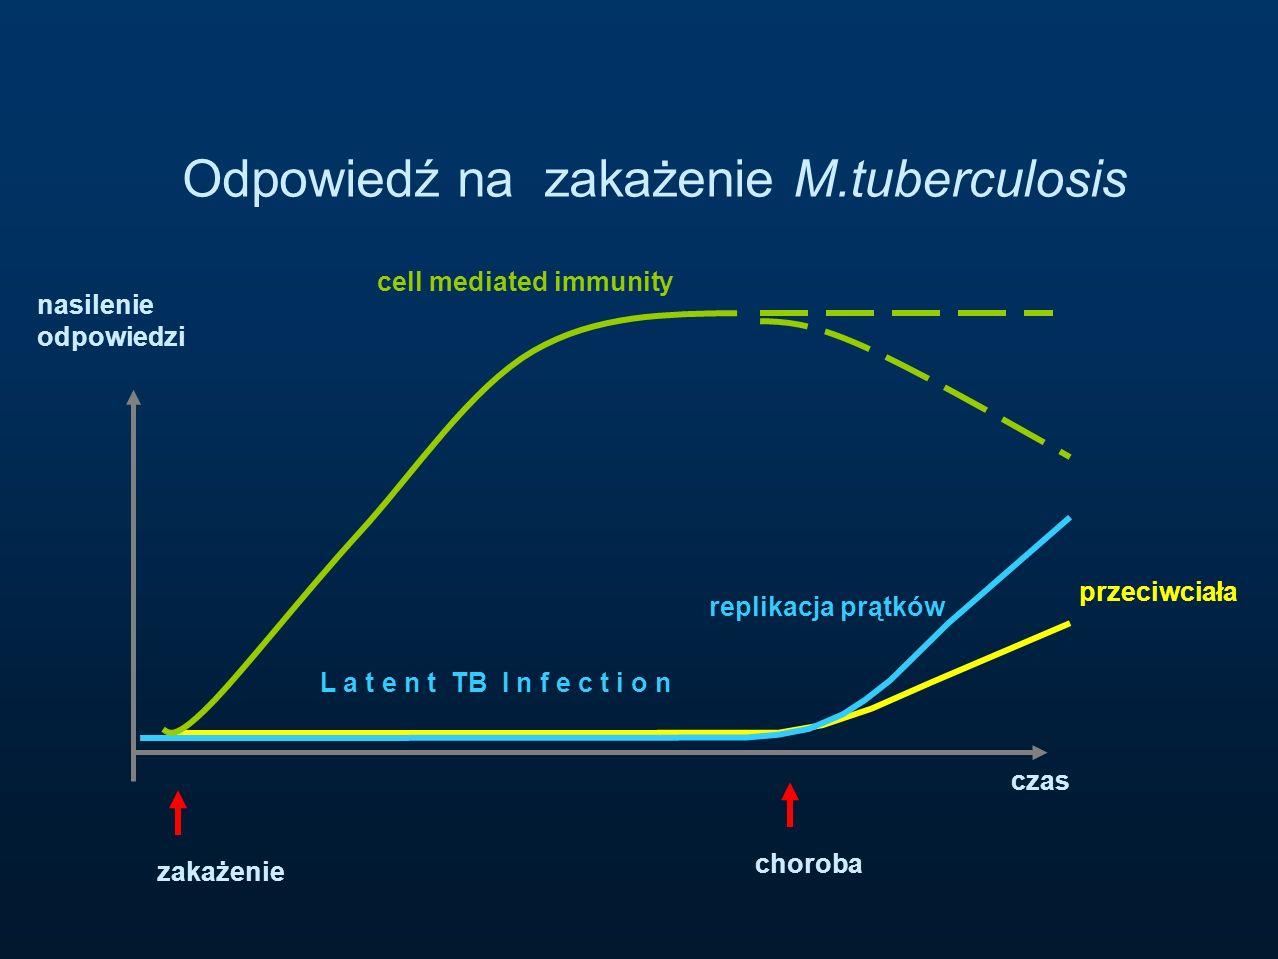 Odpowiedź na zakażenie M.tuberculosis